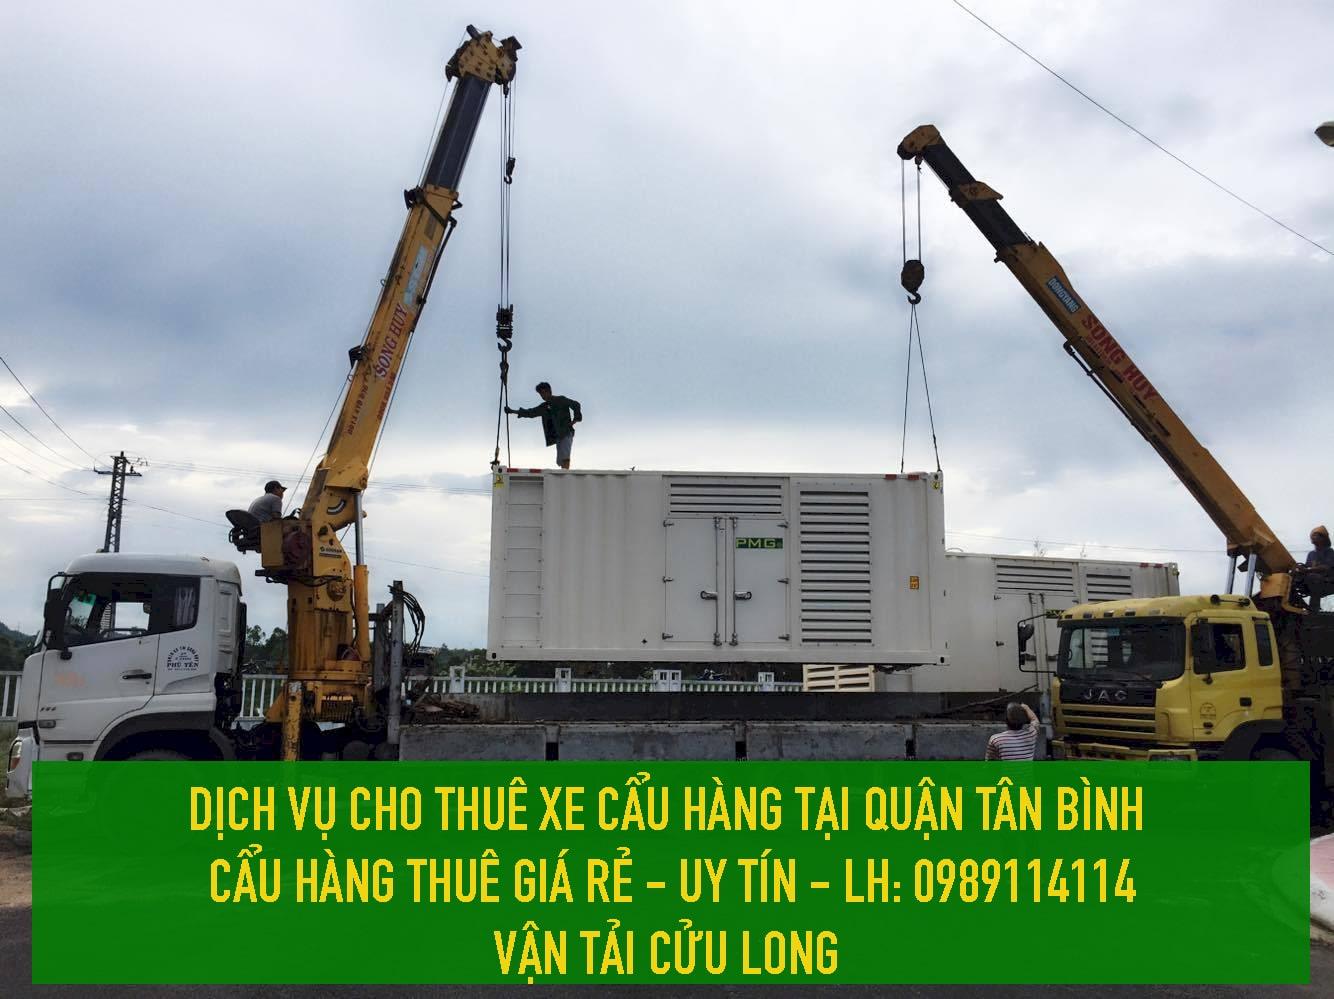 Cho thuê xe cẩu hàng Quận Tân Bình - [ UY TÍN – CHUYÊN NGHIỆP ]